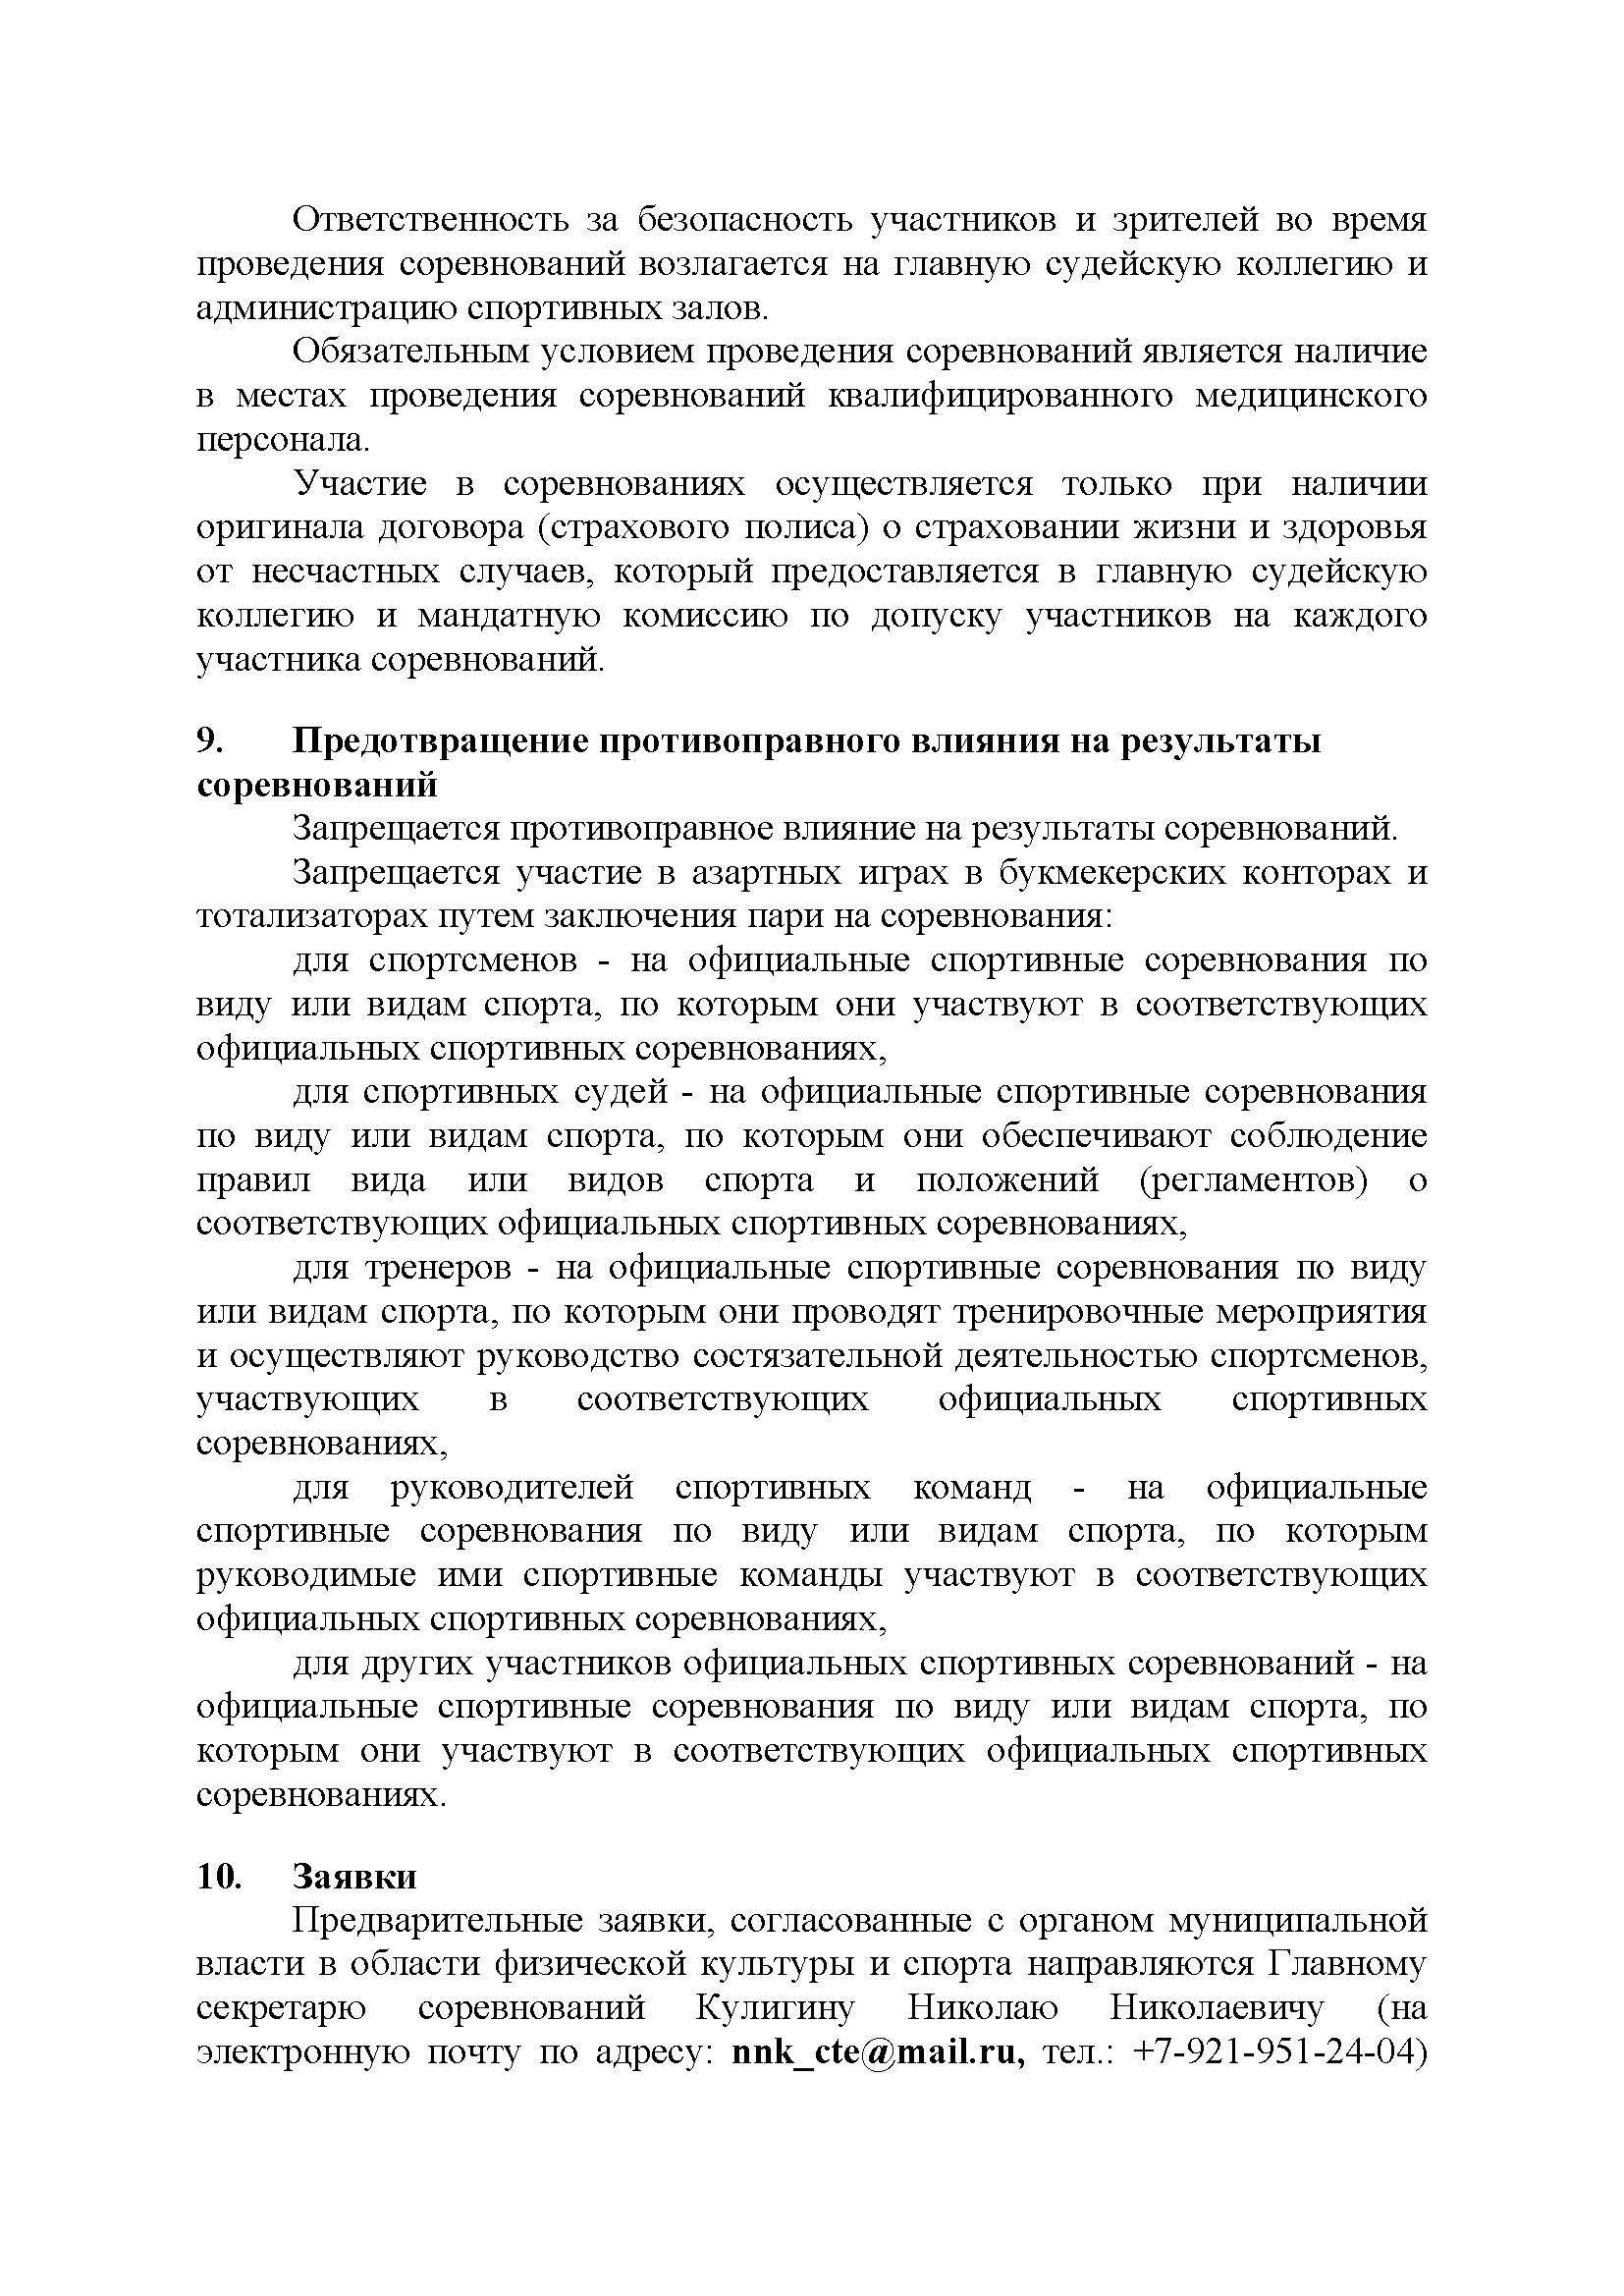 Положение СЗФО каратэ 2017_Страница_3